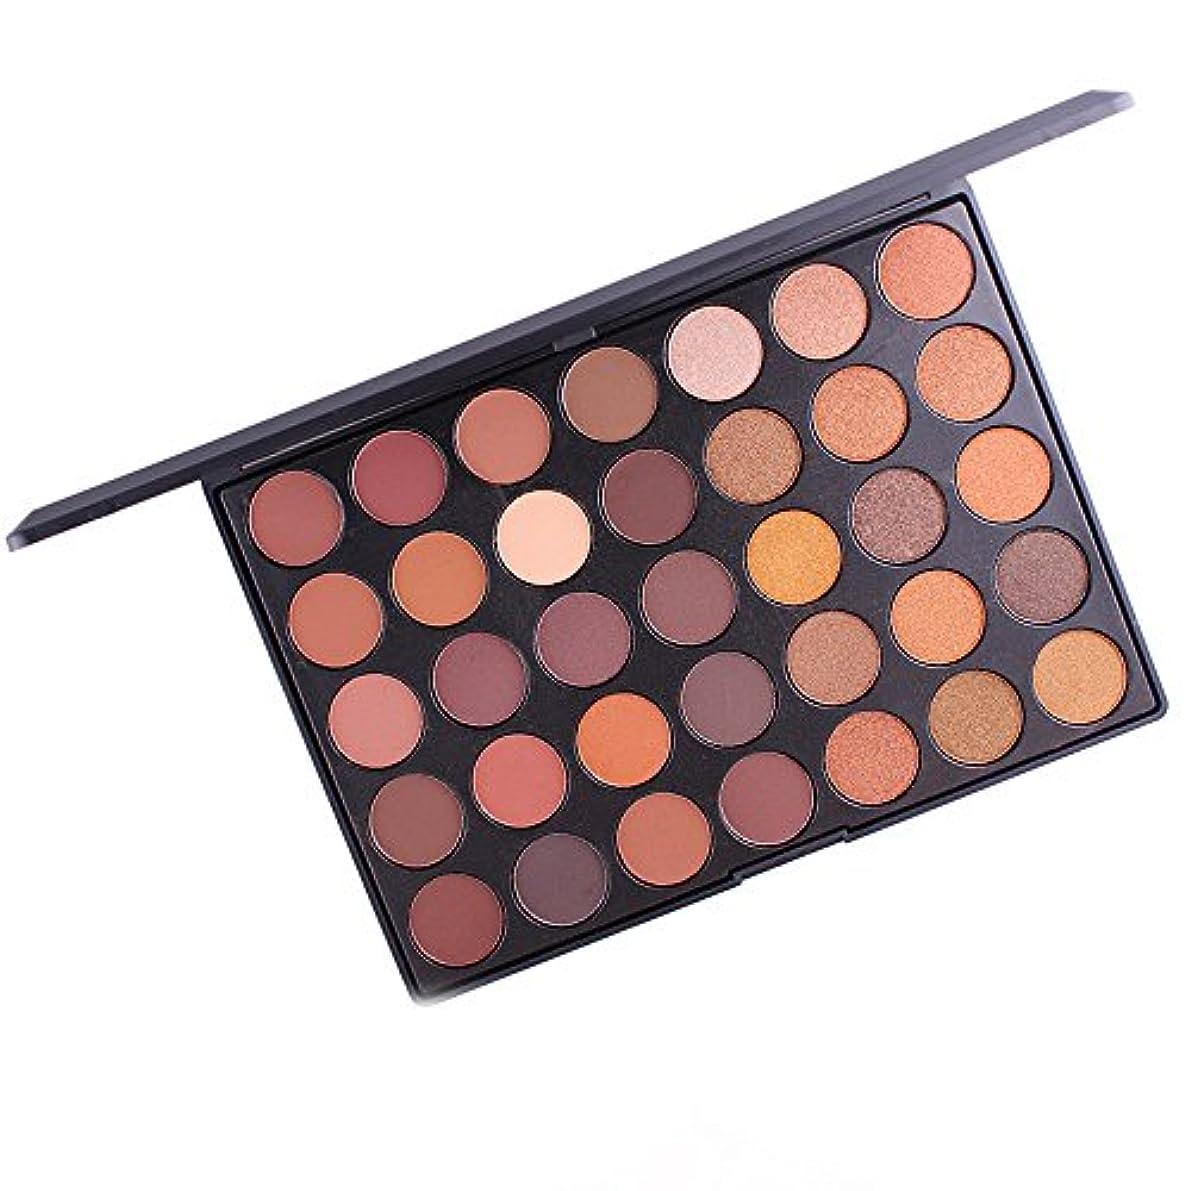 ベアリングサークルスナップ貼り直すAkane アイシャドウパレット MISS ROSE ファッション マット 綺麗 自然 防水 真珠光沢 つや消し 優雅な 人気 美しい 高級 持ち便利 日常 Eye Shadow (35色) 7001-081